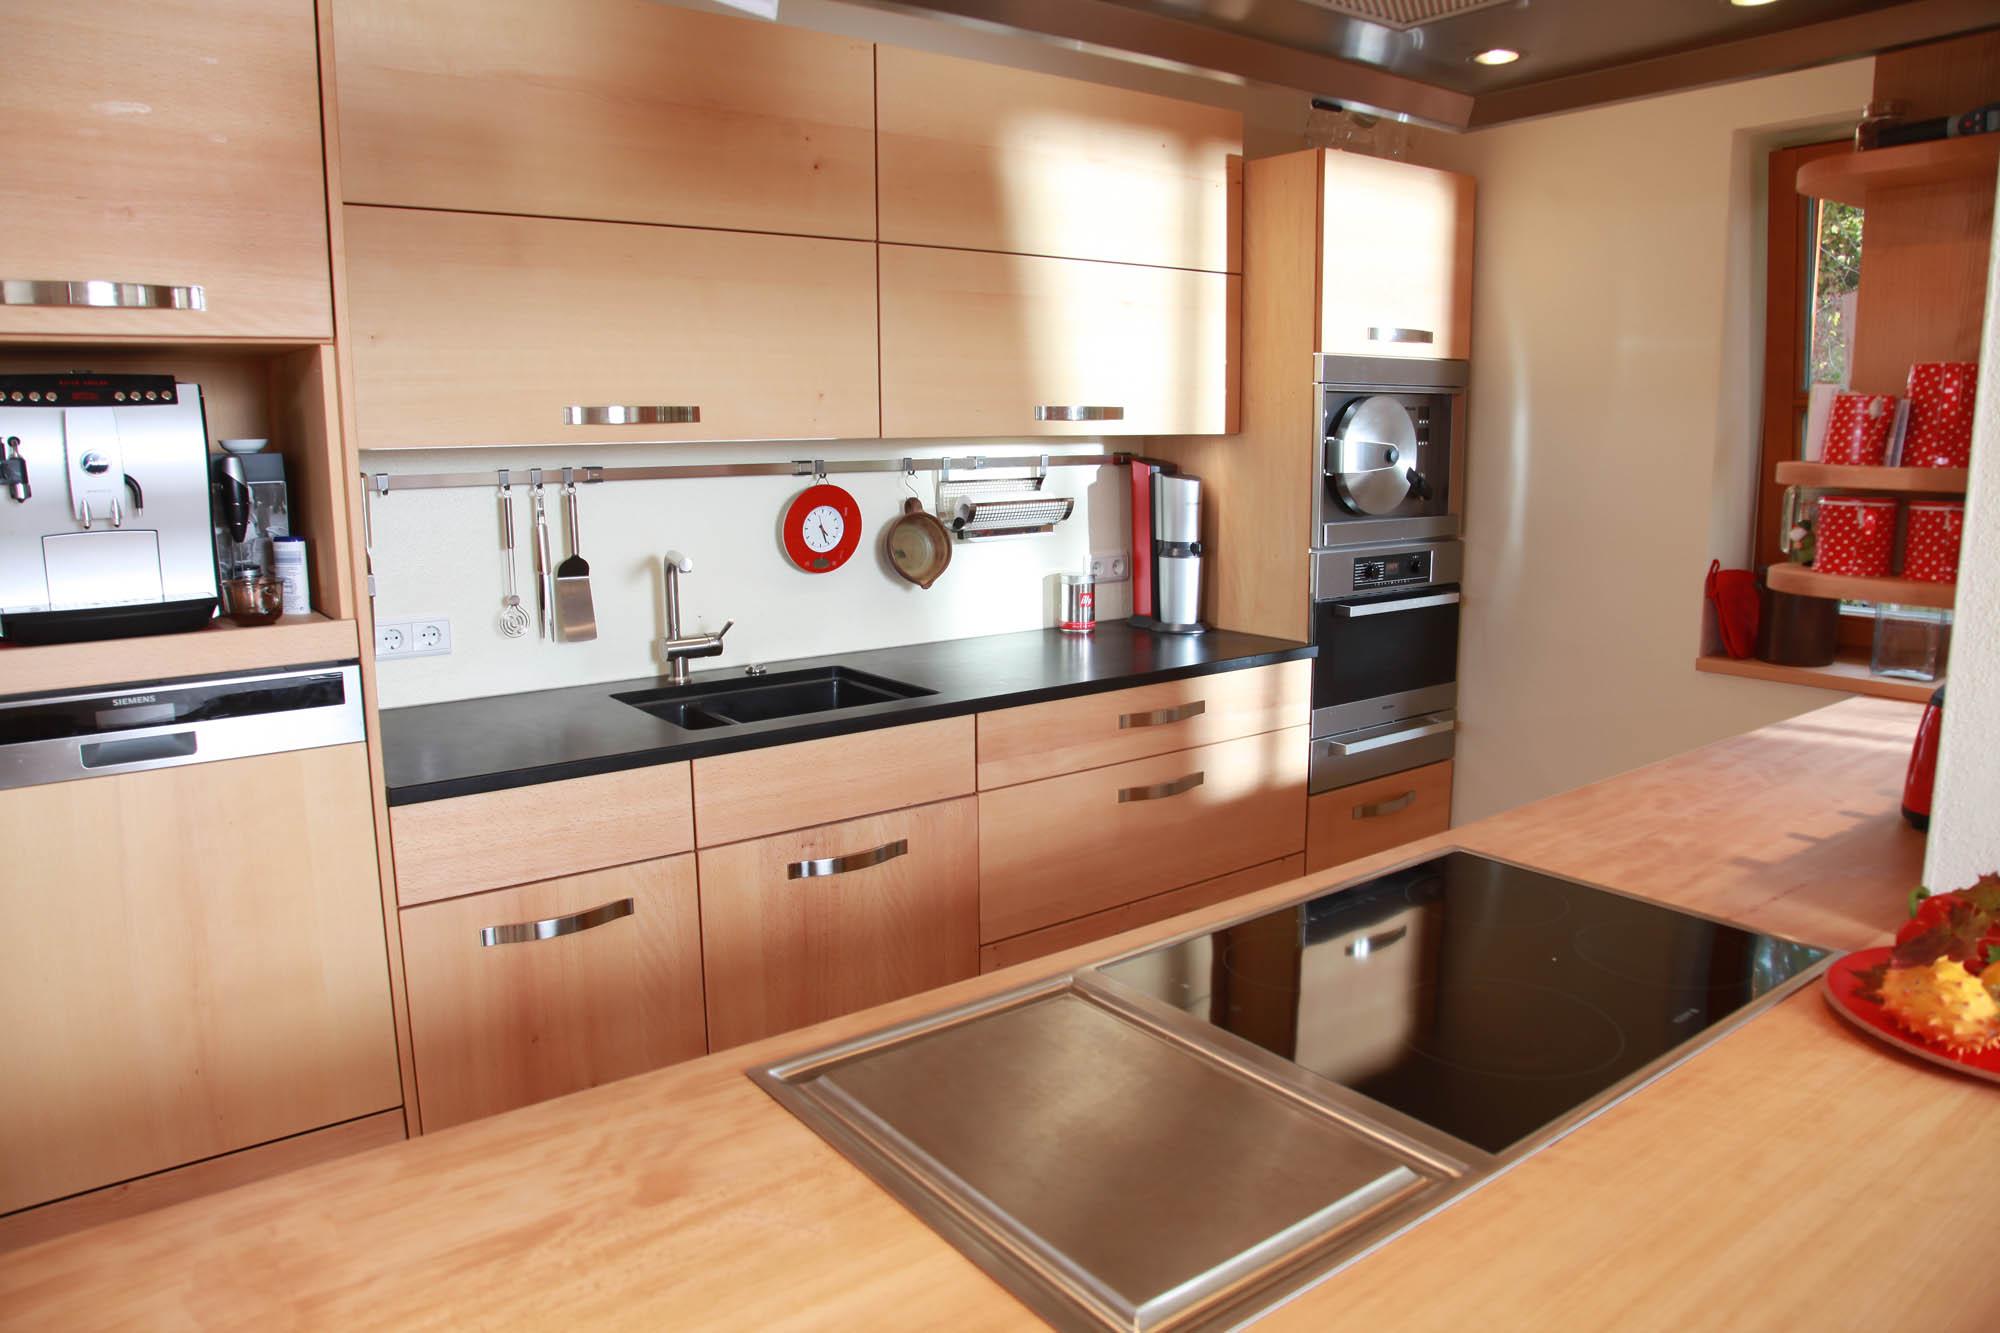 welche arbeitsplatte passt zur roten kche wohndesign. Black Bedroom Furniture Sets. Home Design Ideas